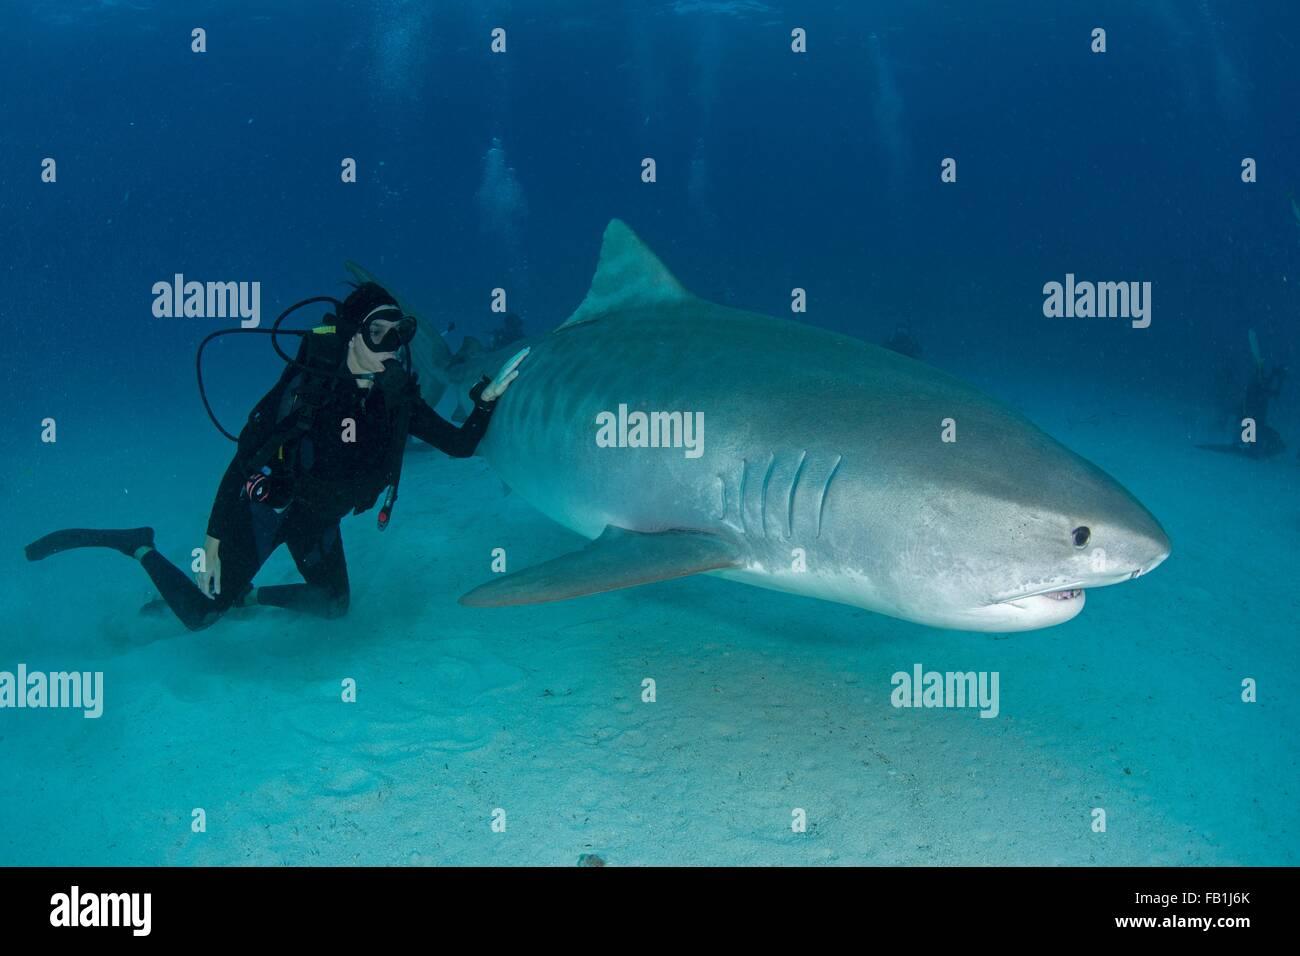 Sous-vue de scuba diver toucher requin tigre près de fond marin, plage du Tigre, Bahamas Photo Stock